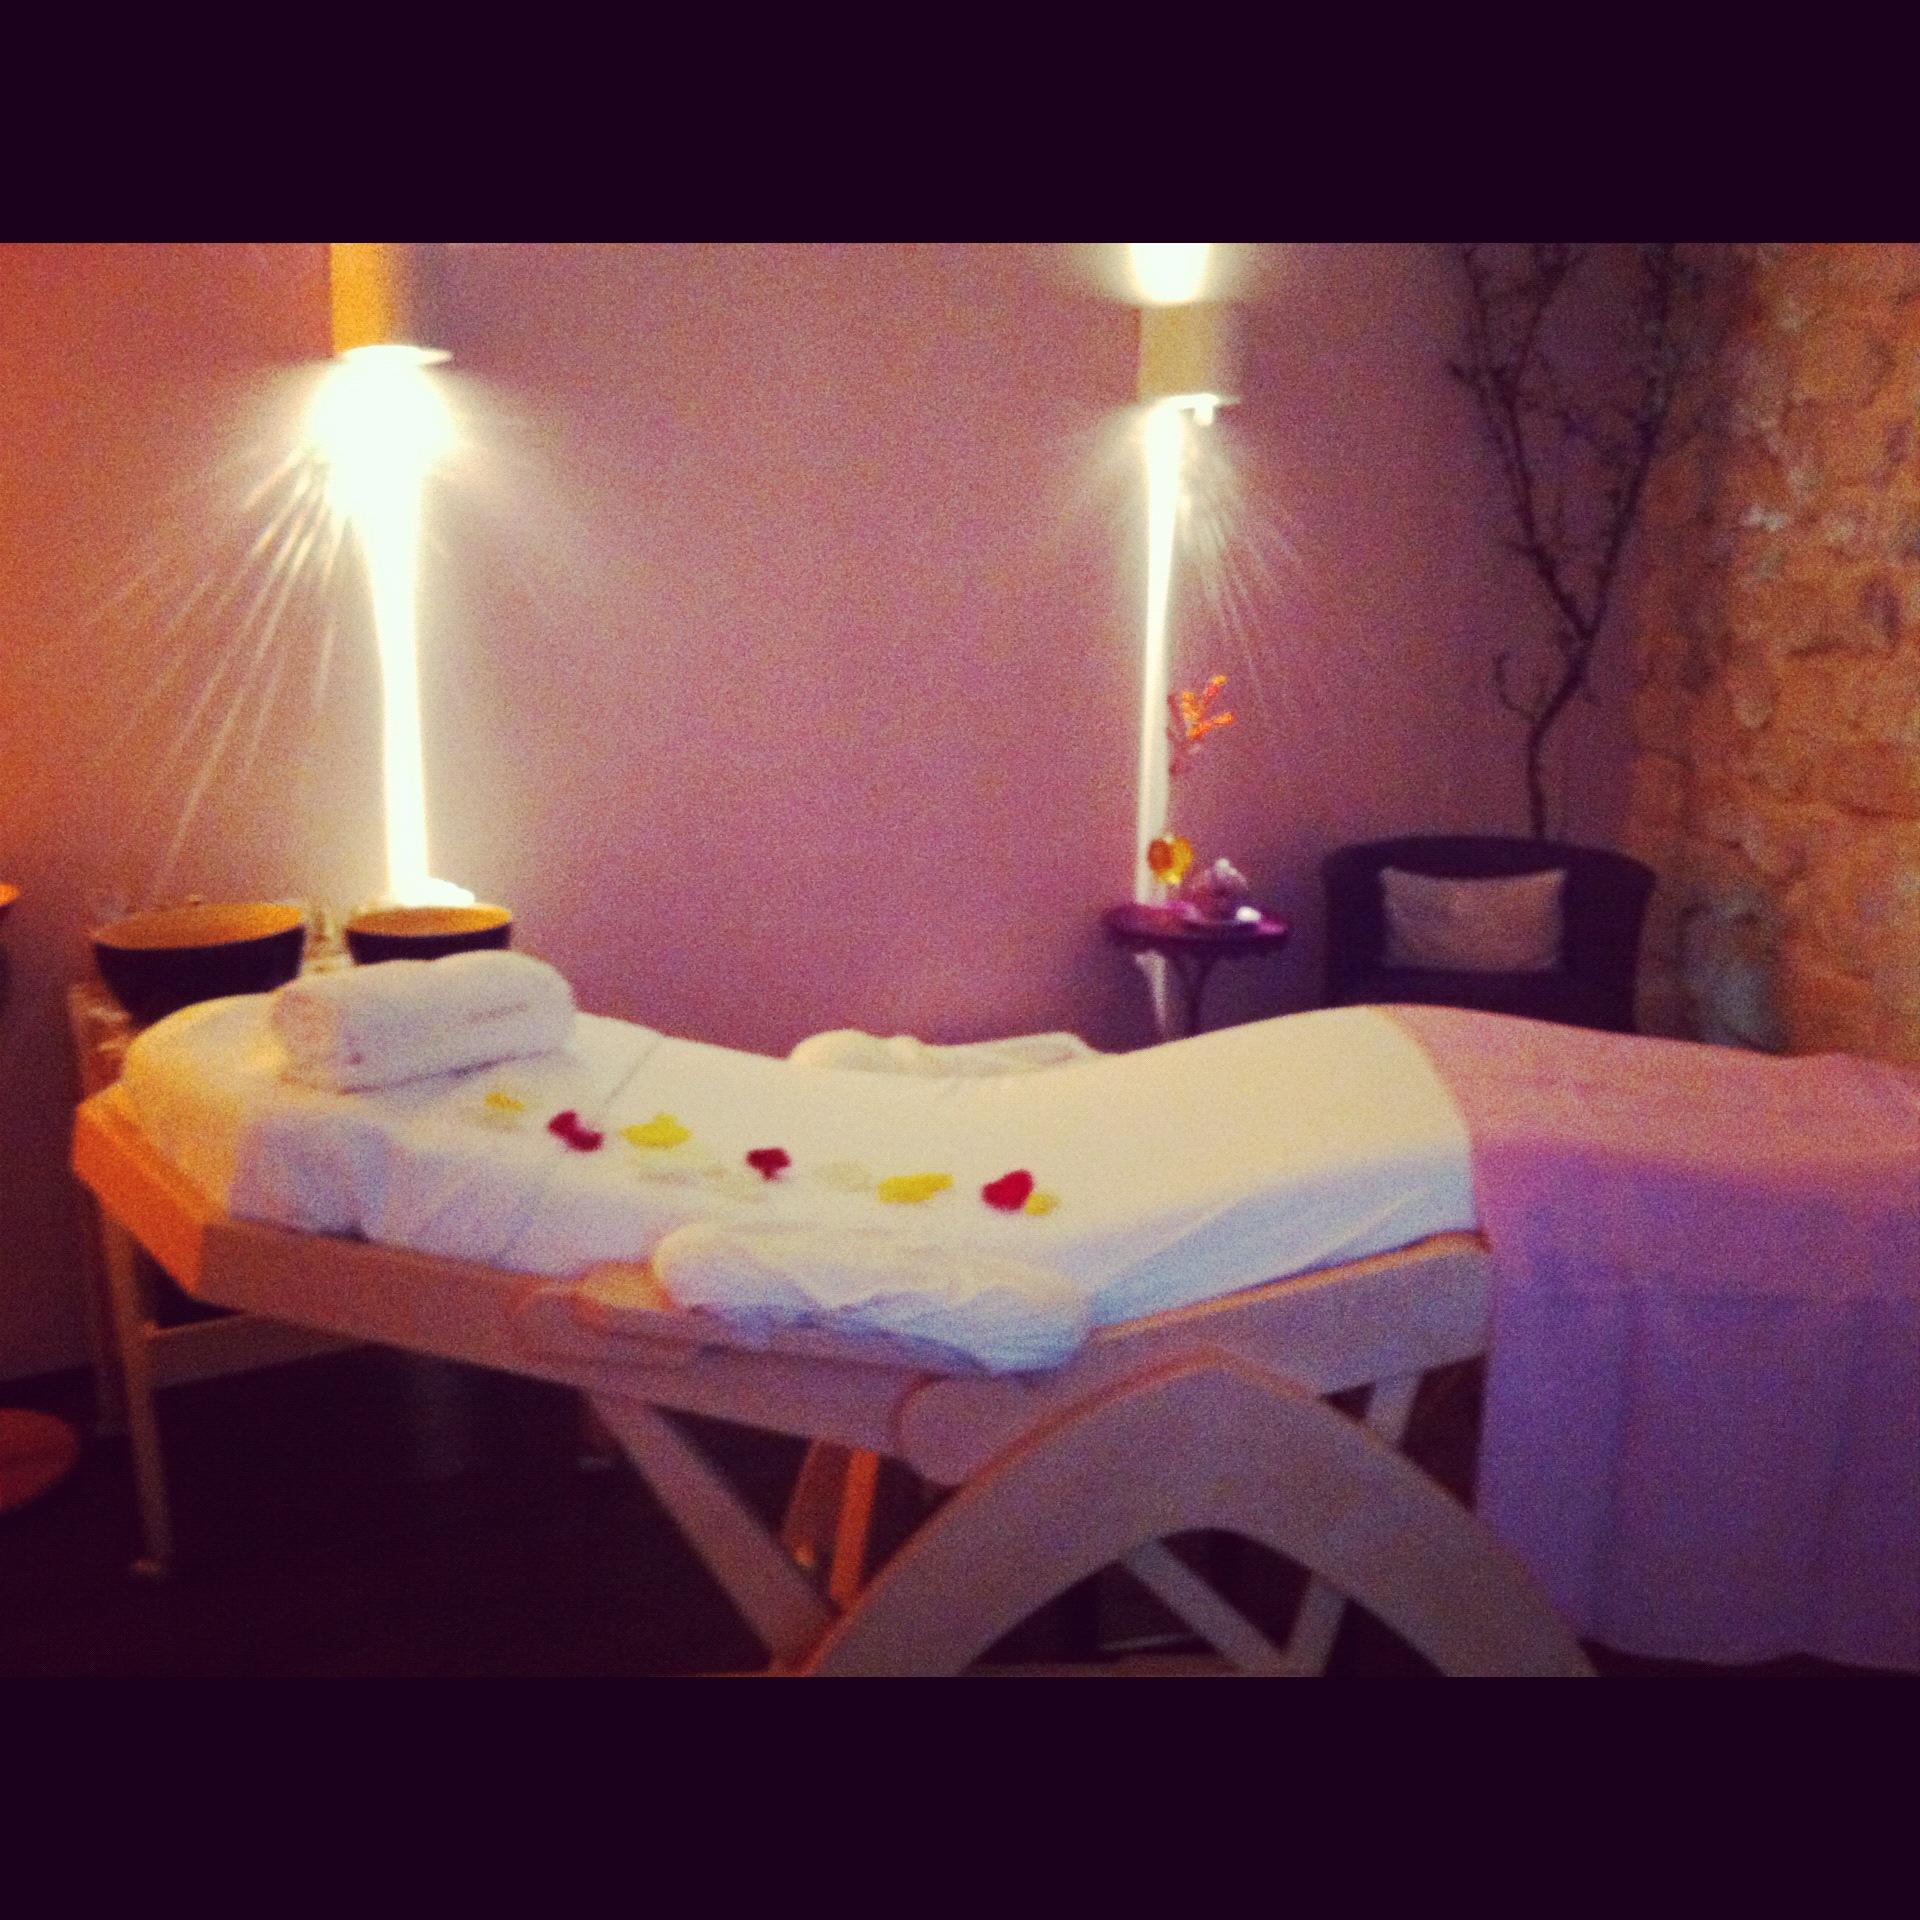 Soin visage dr hauschka paris ambroise beaut - Table de massage paris ...